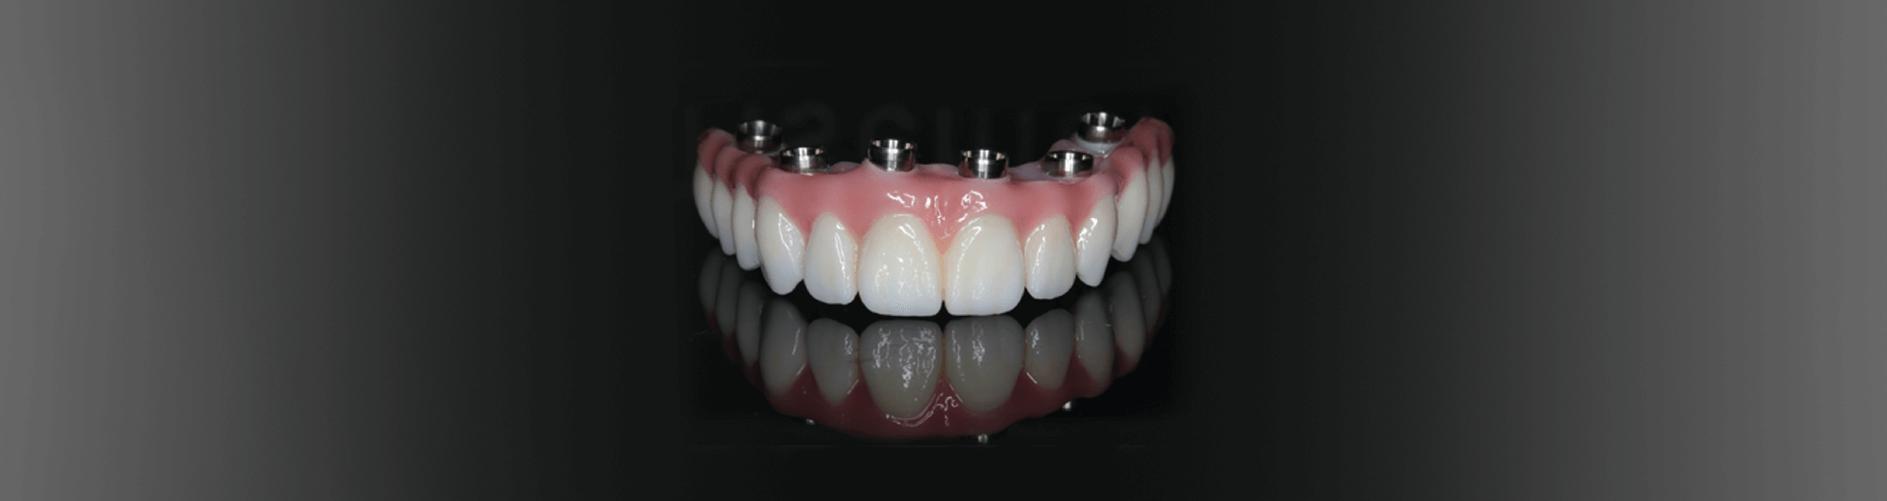 implant dentures model lincoln ne